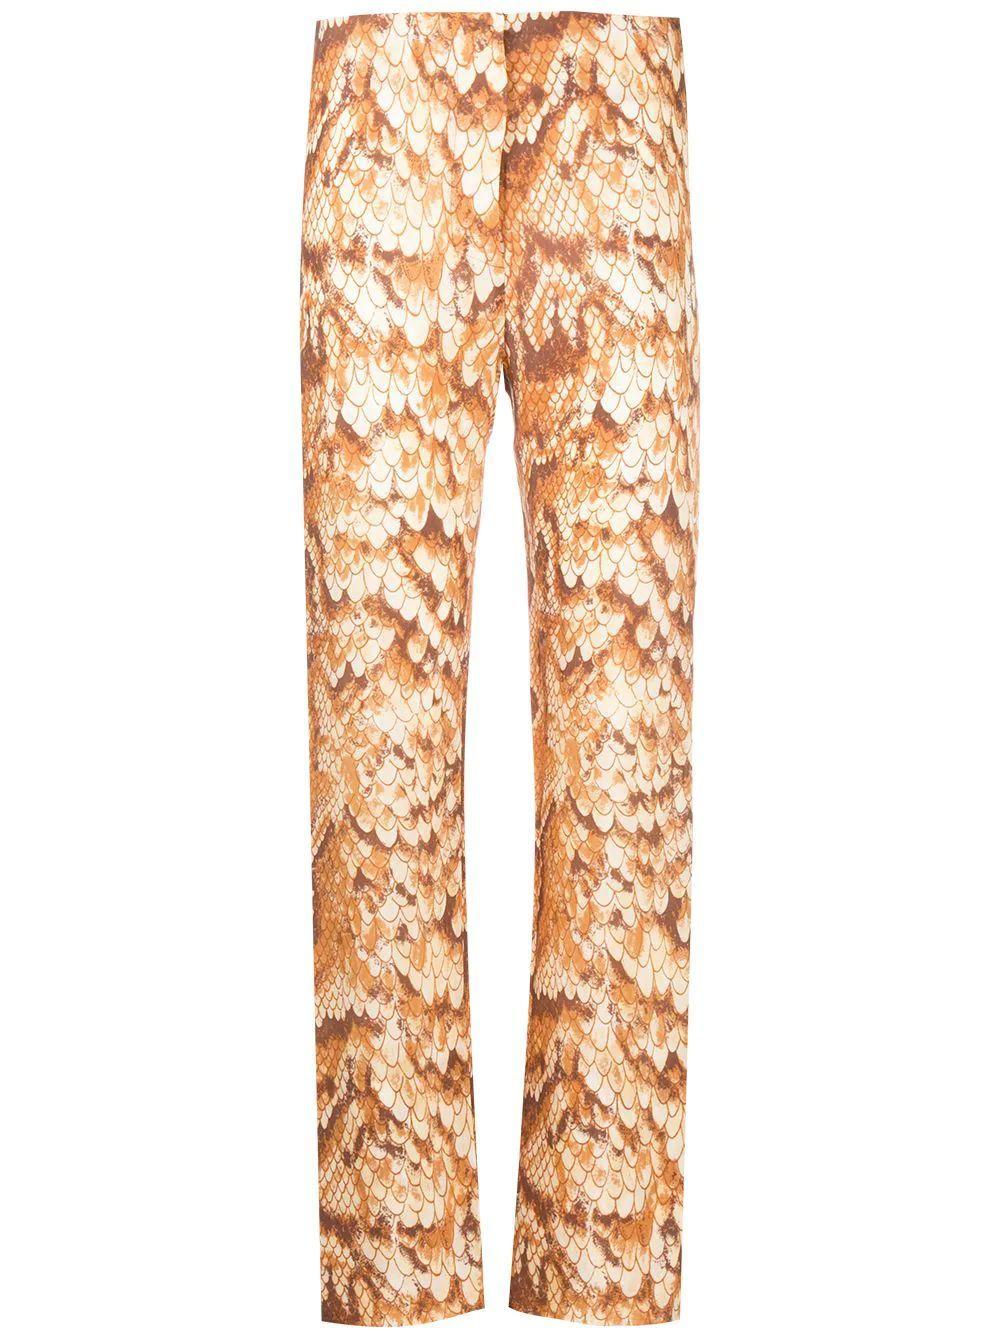 Tabbie Snake Print Pants